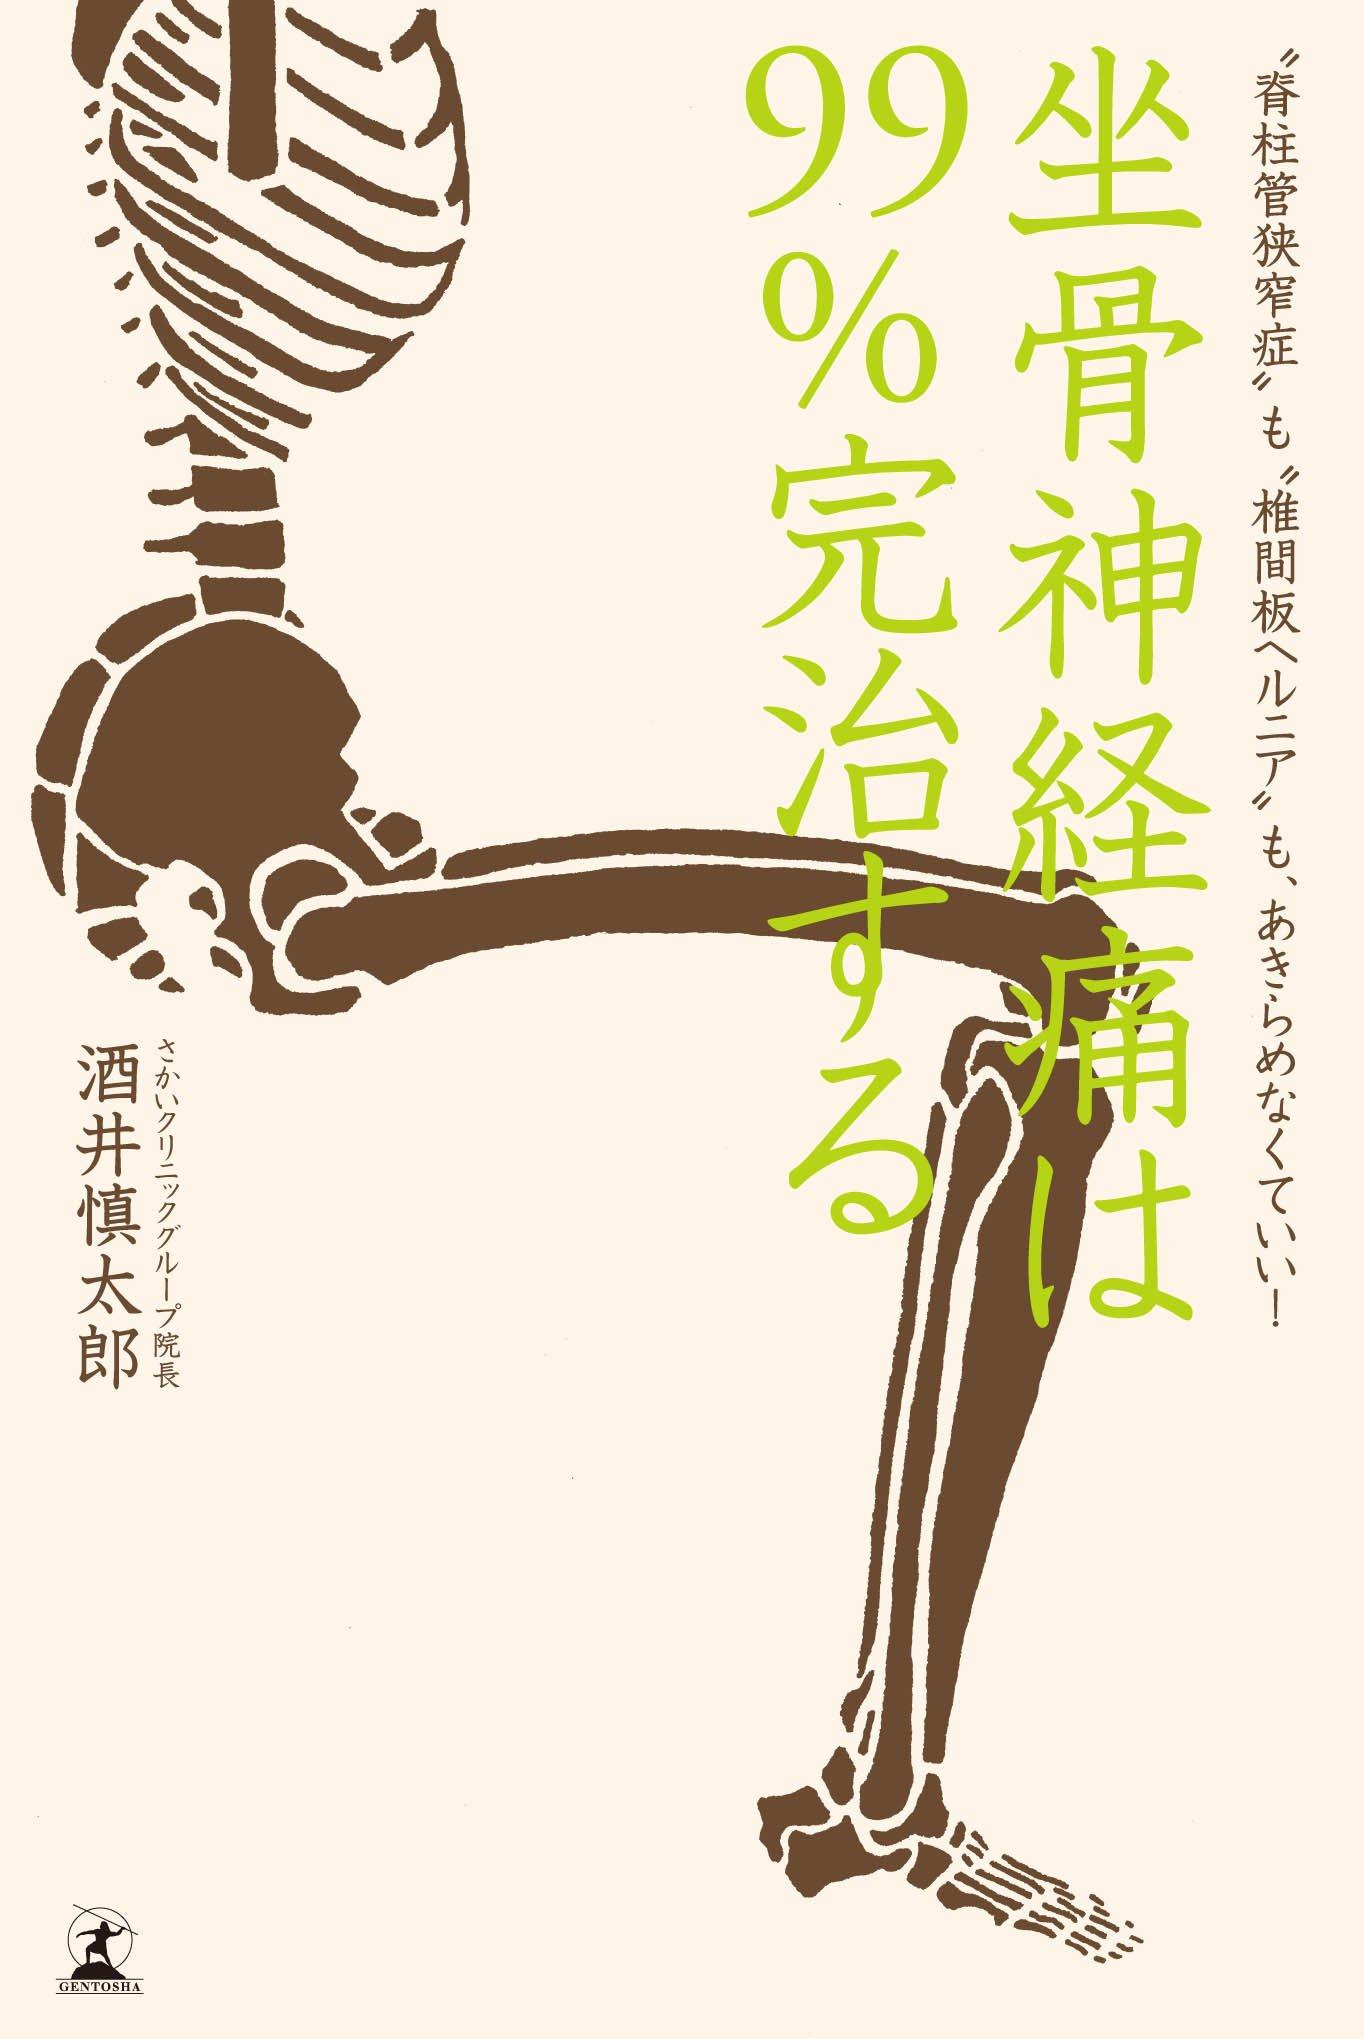 坐骨 神経痛 と は